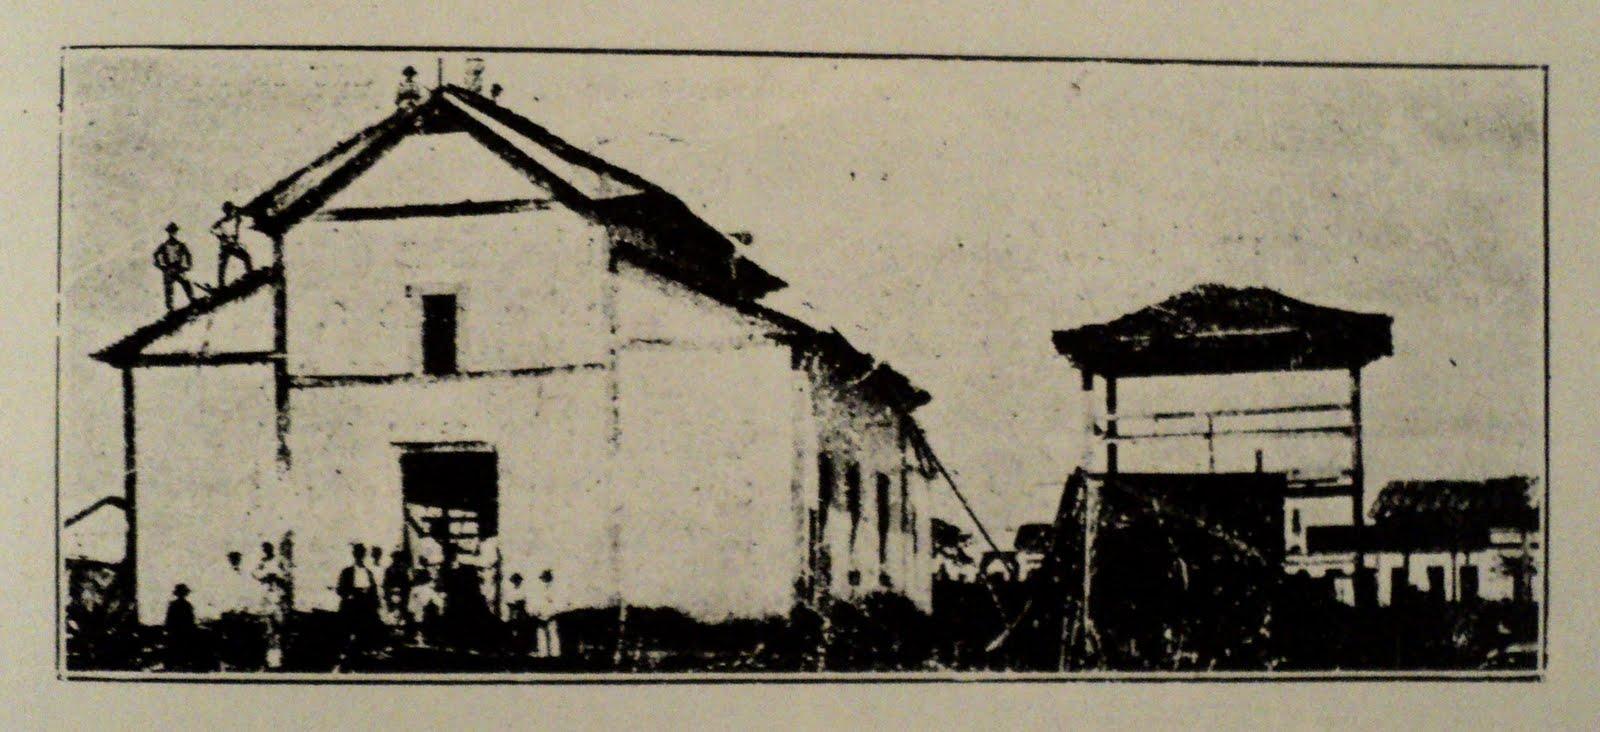 A Primeira Capela que serviu como Matriz a Rio Preto até 1912 (CAVALHEIRO; LAURITO, ÁLBUM ILUSTRADO DA COMARCA DE RIO PRETO. 1ª EDIÇÃO 1927-1929, p. 271).